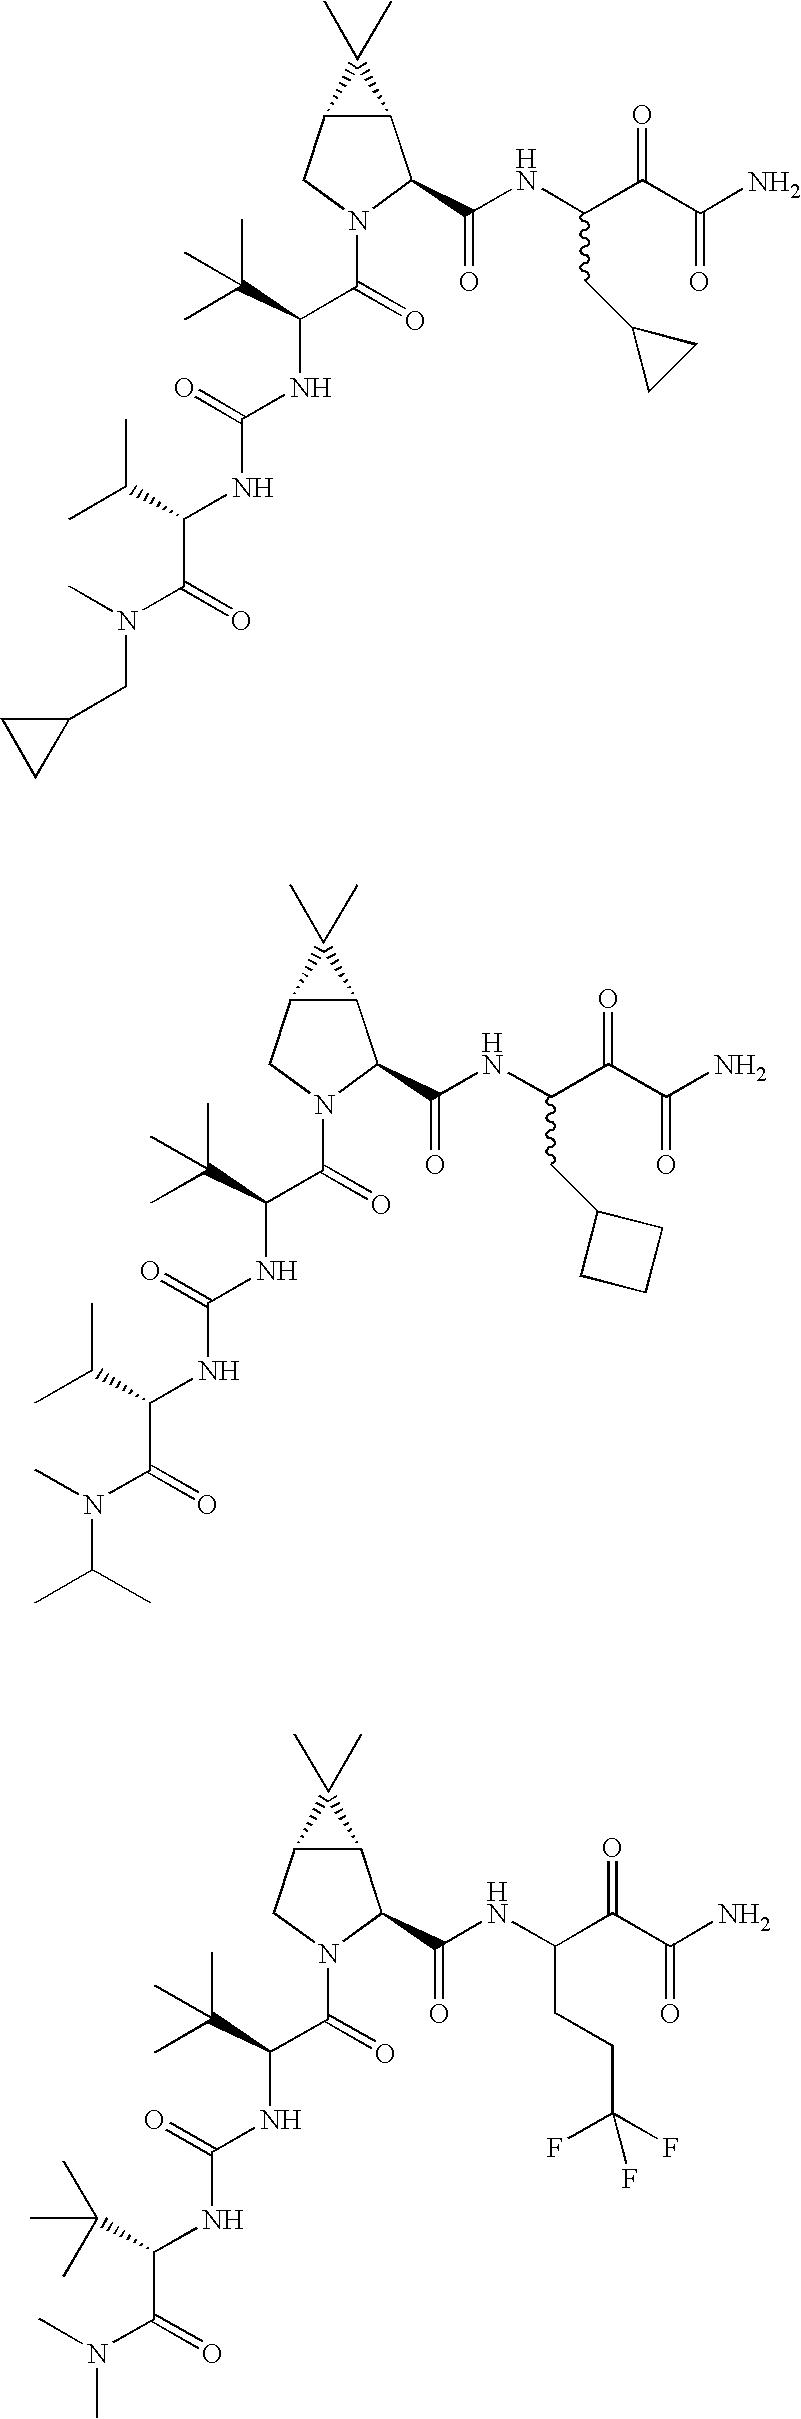 Figure US20060287248A1-20061221-C00318